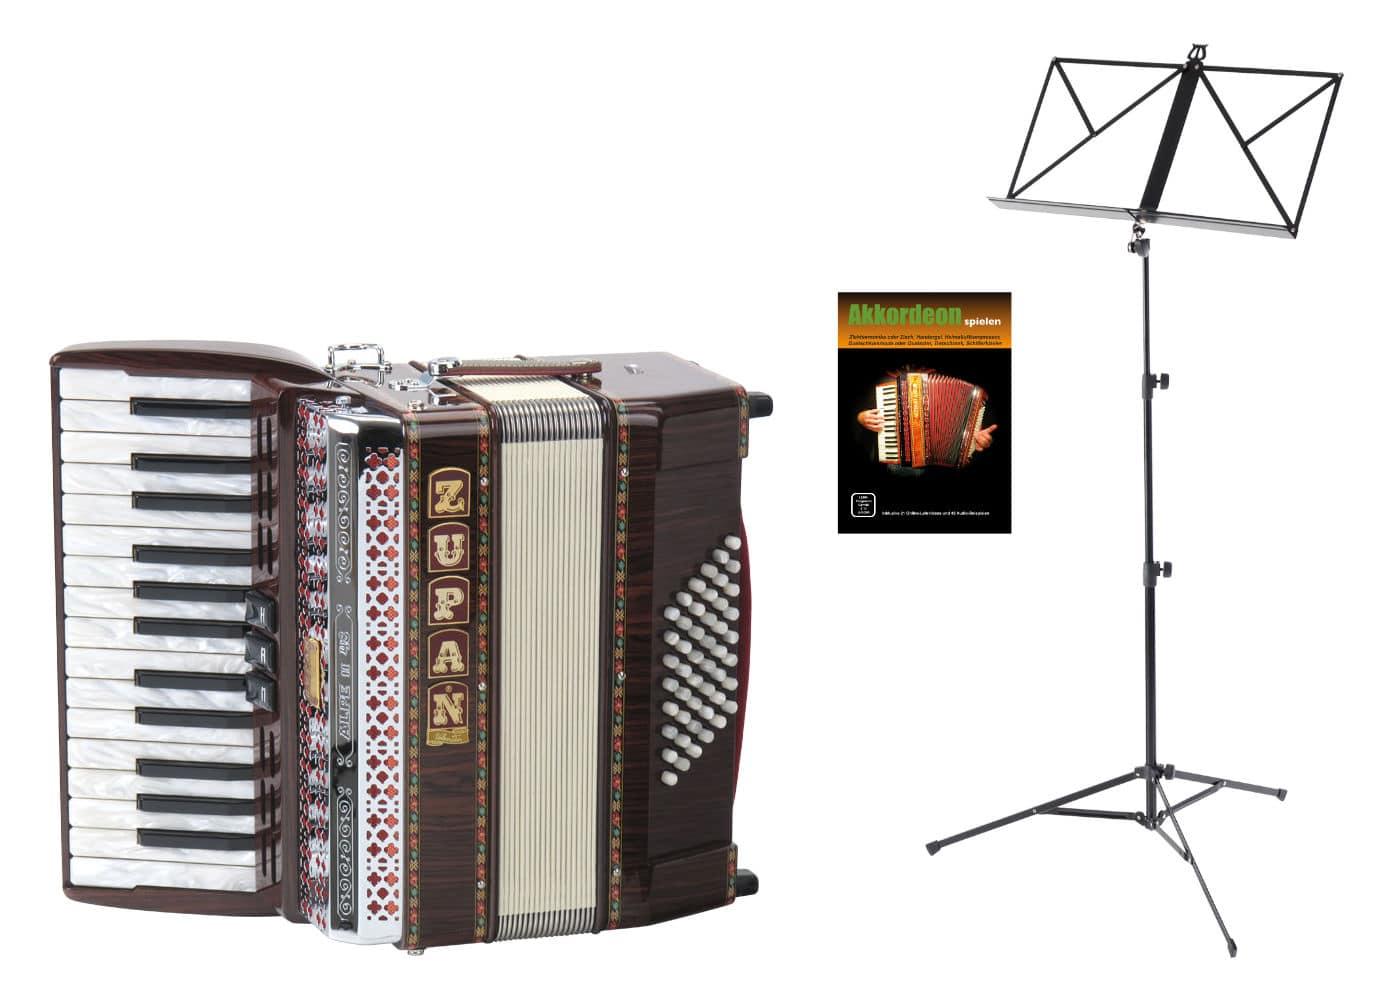 Akkordeons - Zupan Alpe II 48 Akkordeon Set Palisander - Onlineshop Musikhaus Kirstein